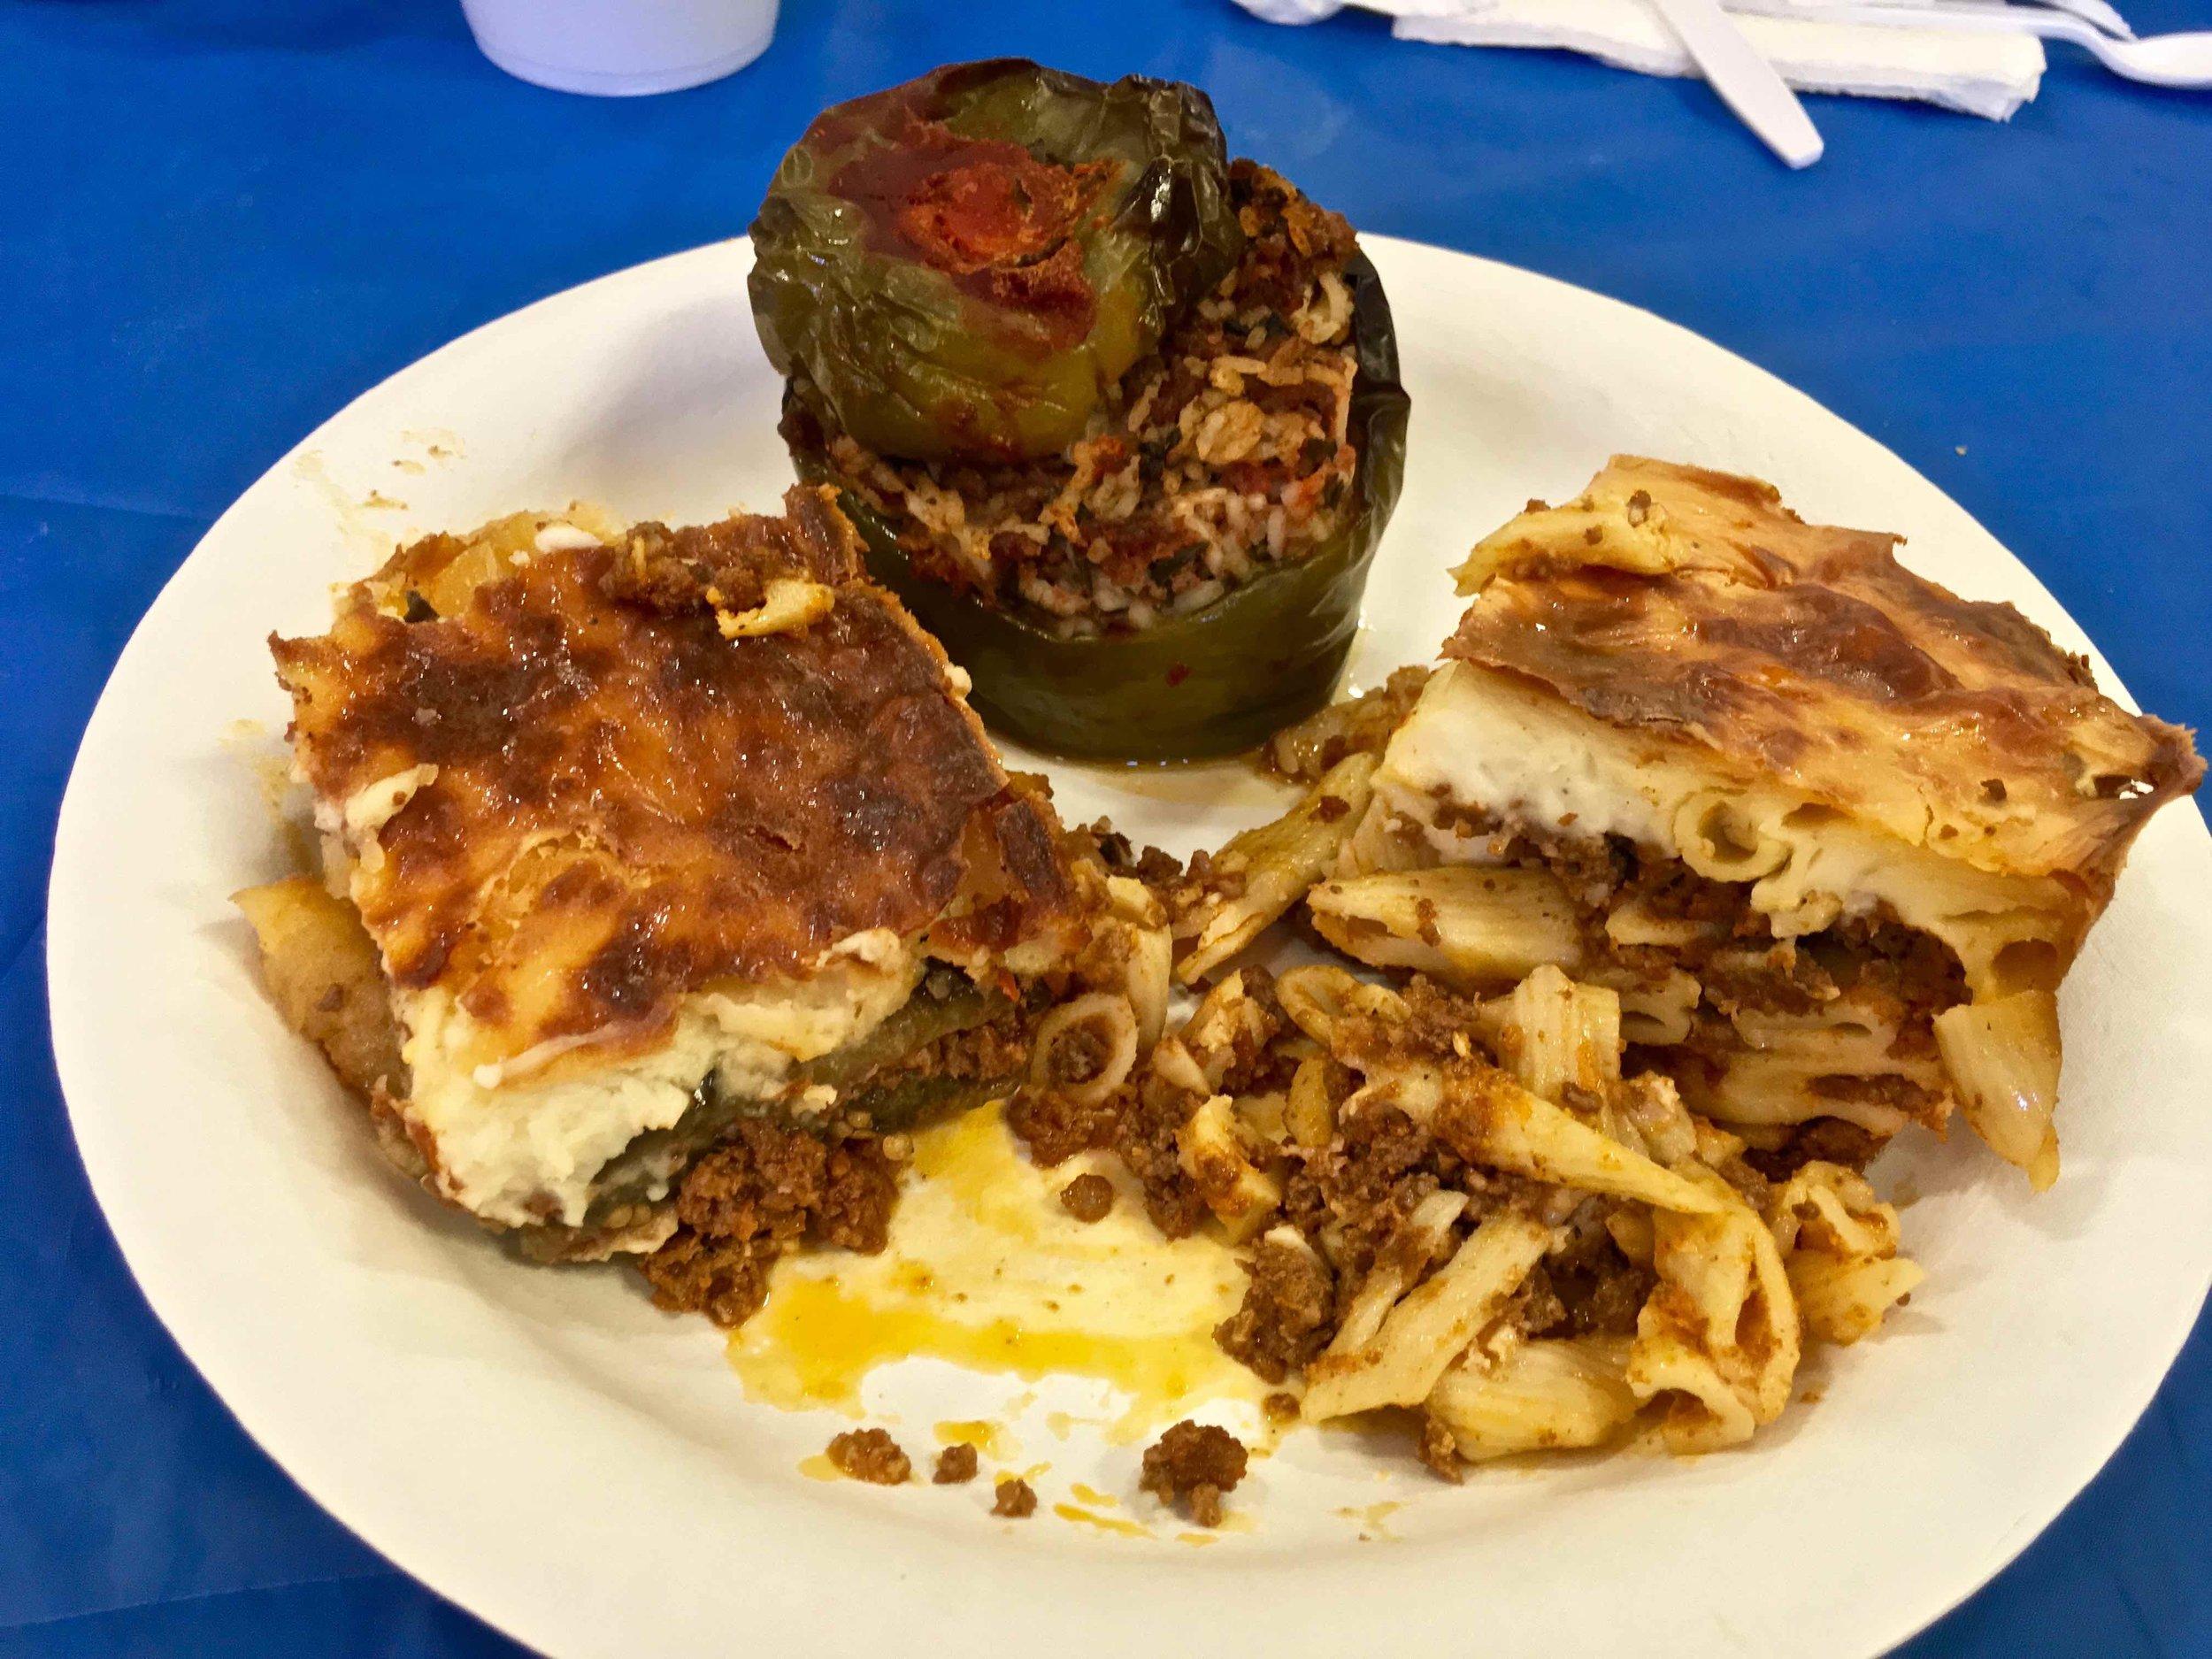 Greek food plate